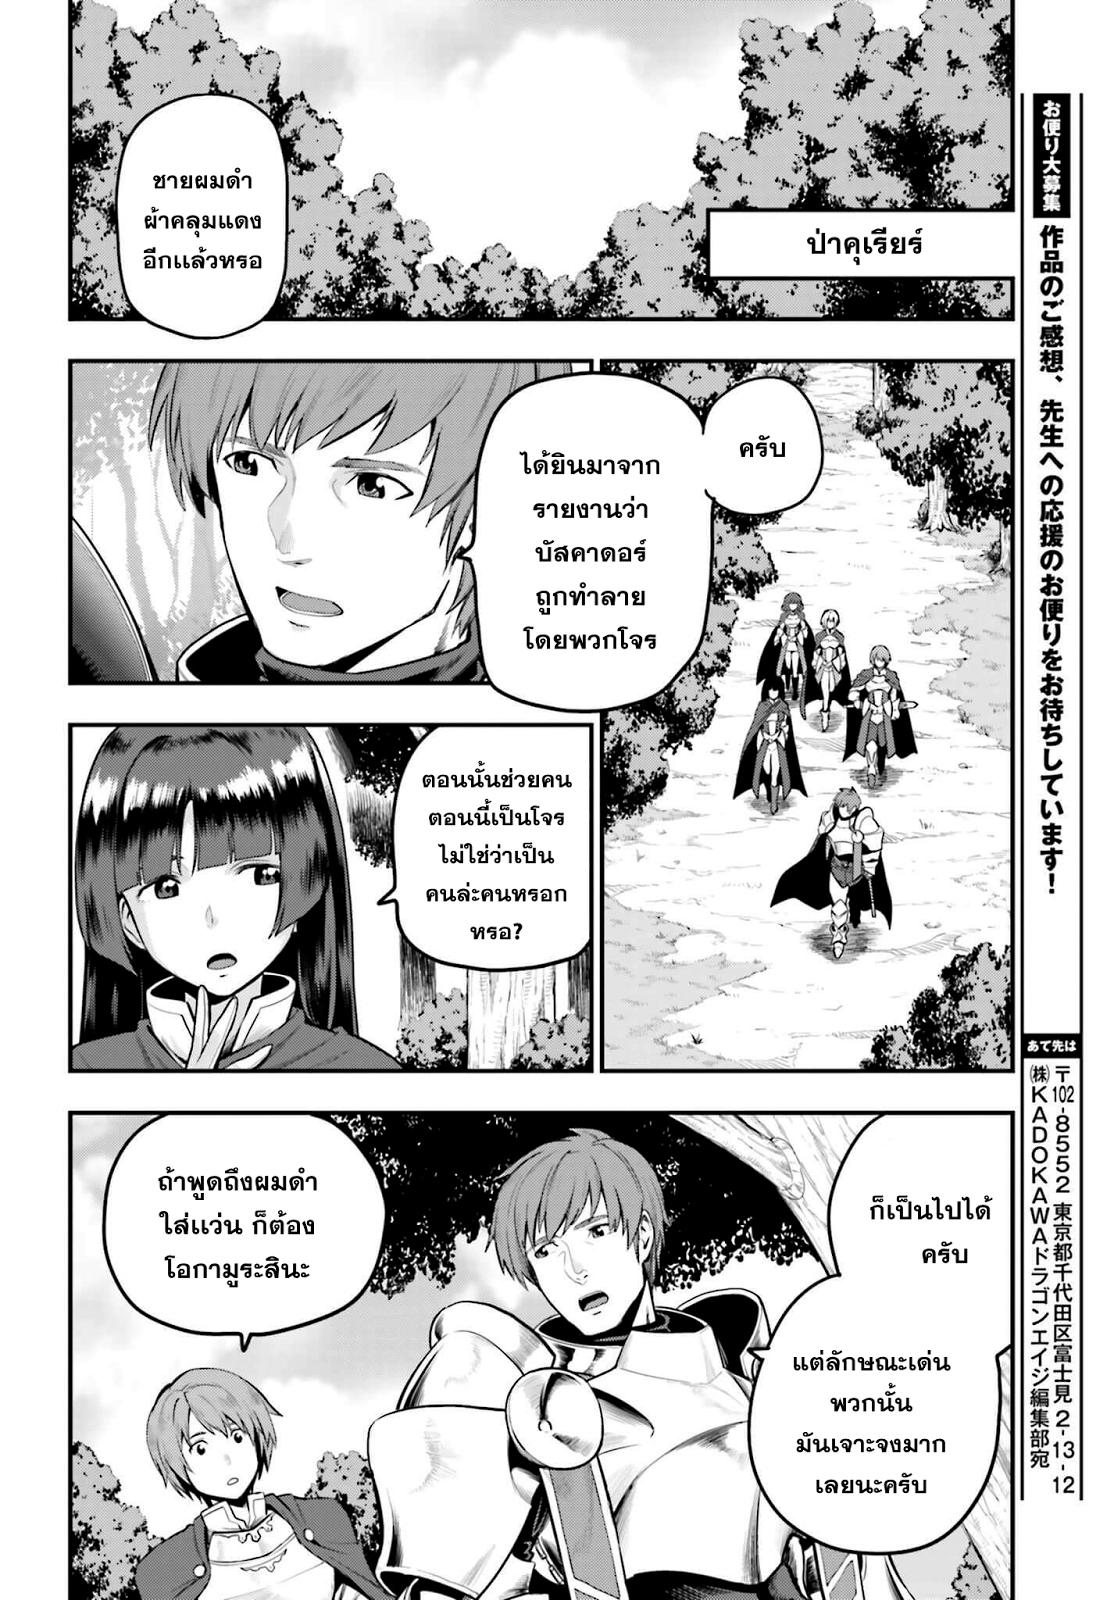 อ่านการ์ตูน Konjiki no Word Master 15 ภาพที่ 36